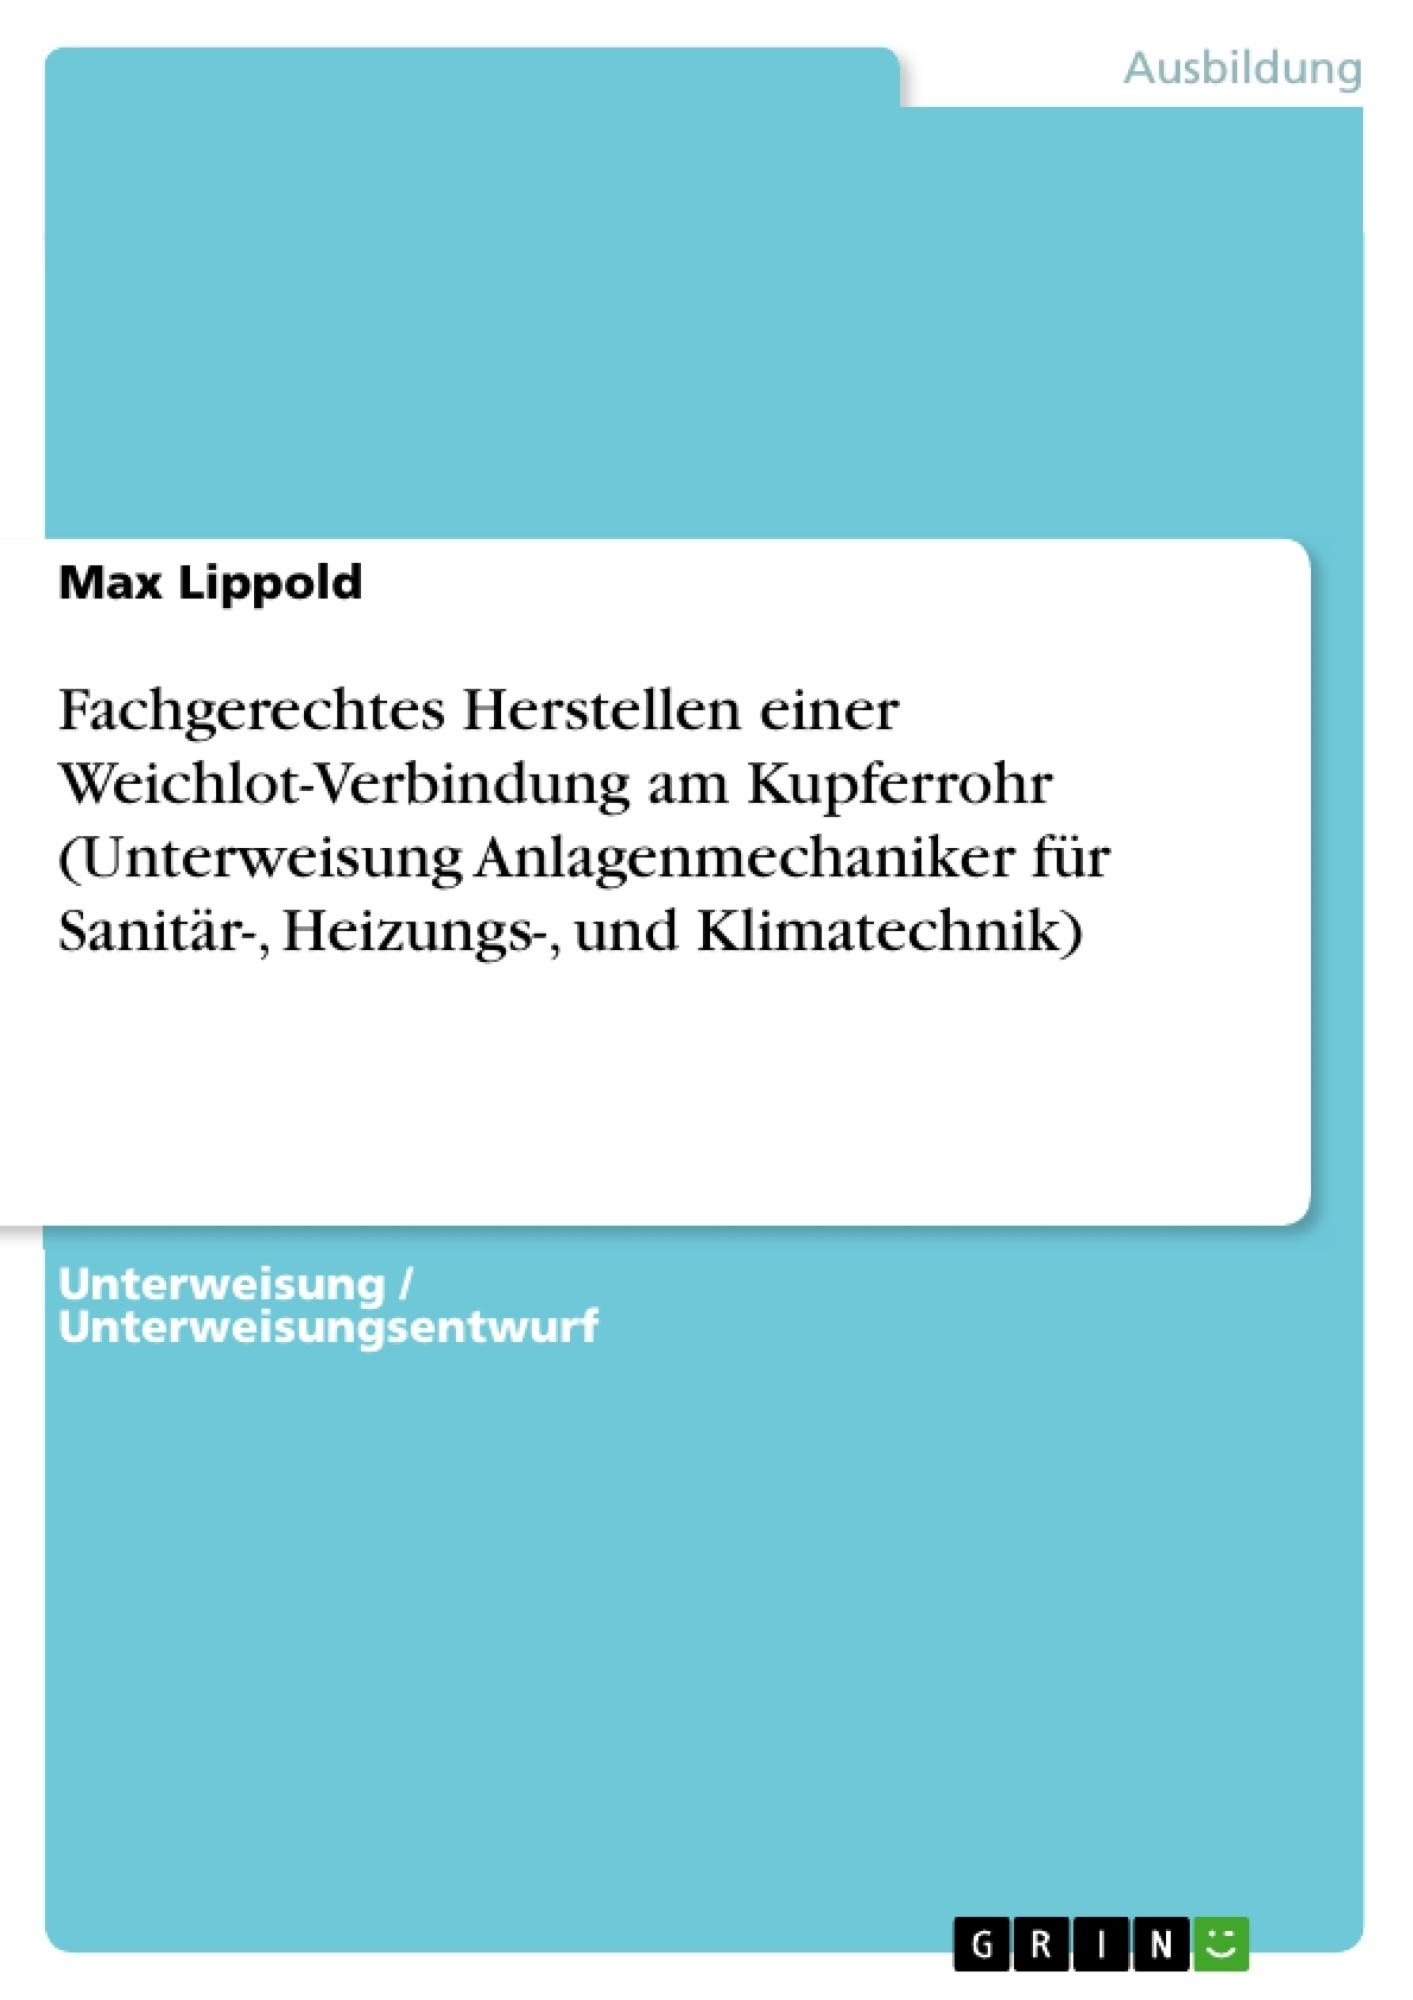 Titel: Fachgerechtes Herstellen einer Weichlot-Verbindung am Kupferrohr (Unterweisung Anlagenmechaniker für Sanitär-, Heizungs-, und Klimatechnik)